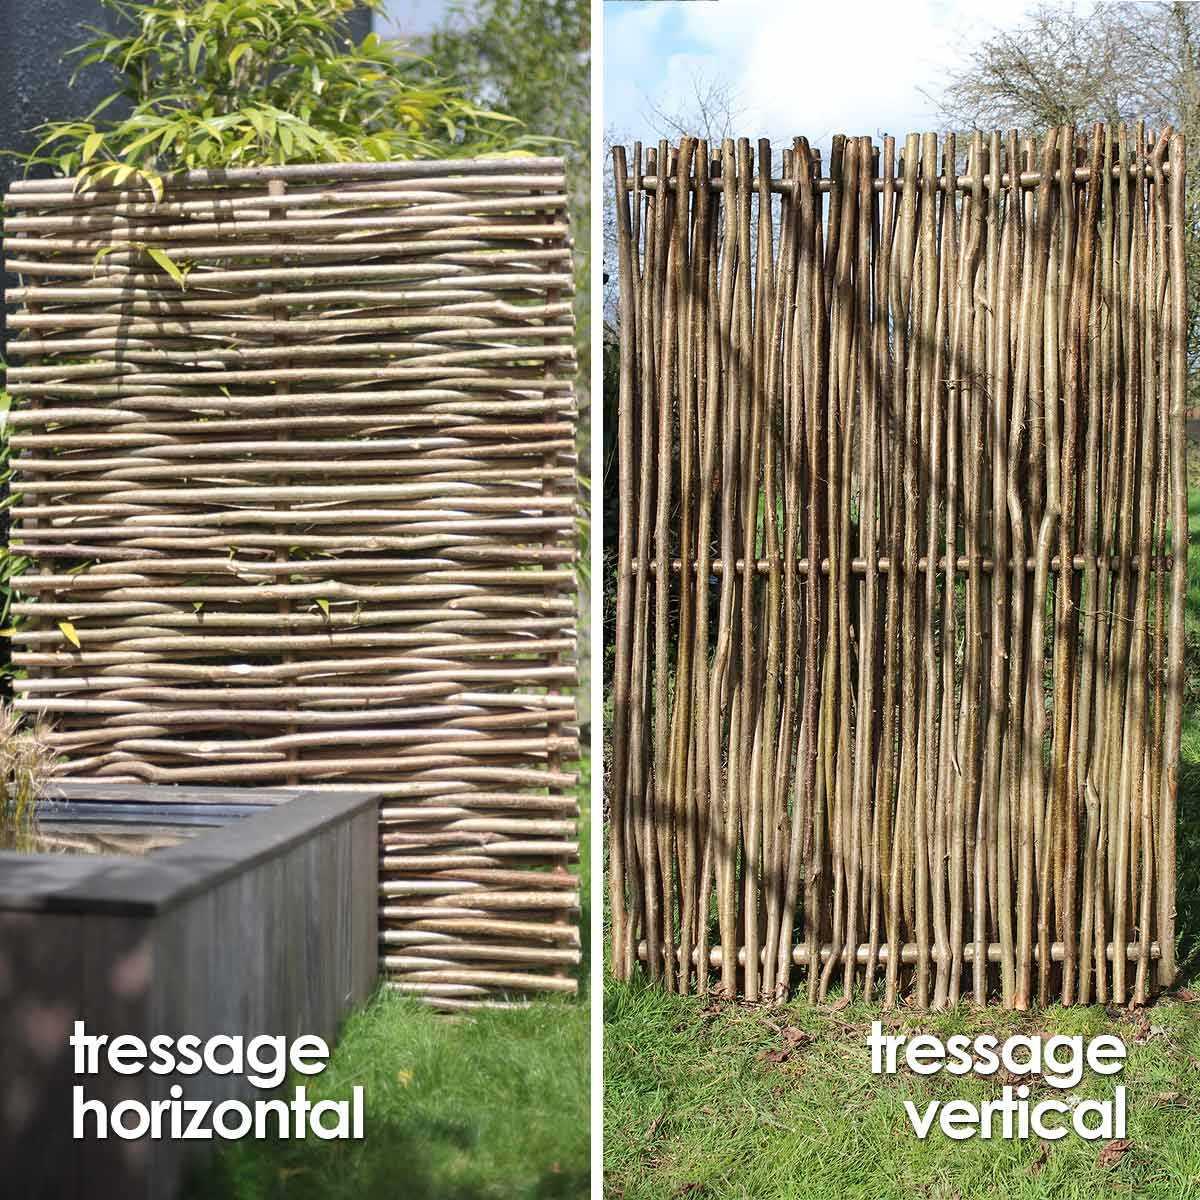 Panneau Noisetier Tressage Horizontal Ou Vertical avec Idee Brise Vue Jardin